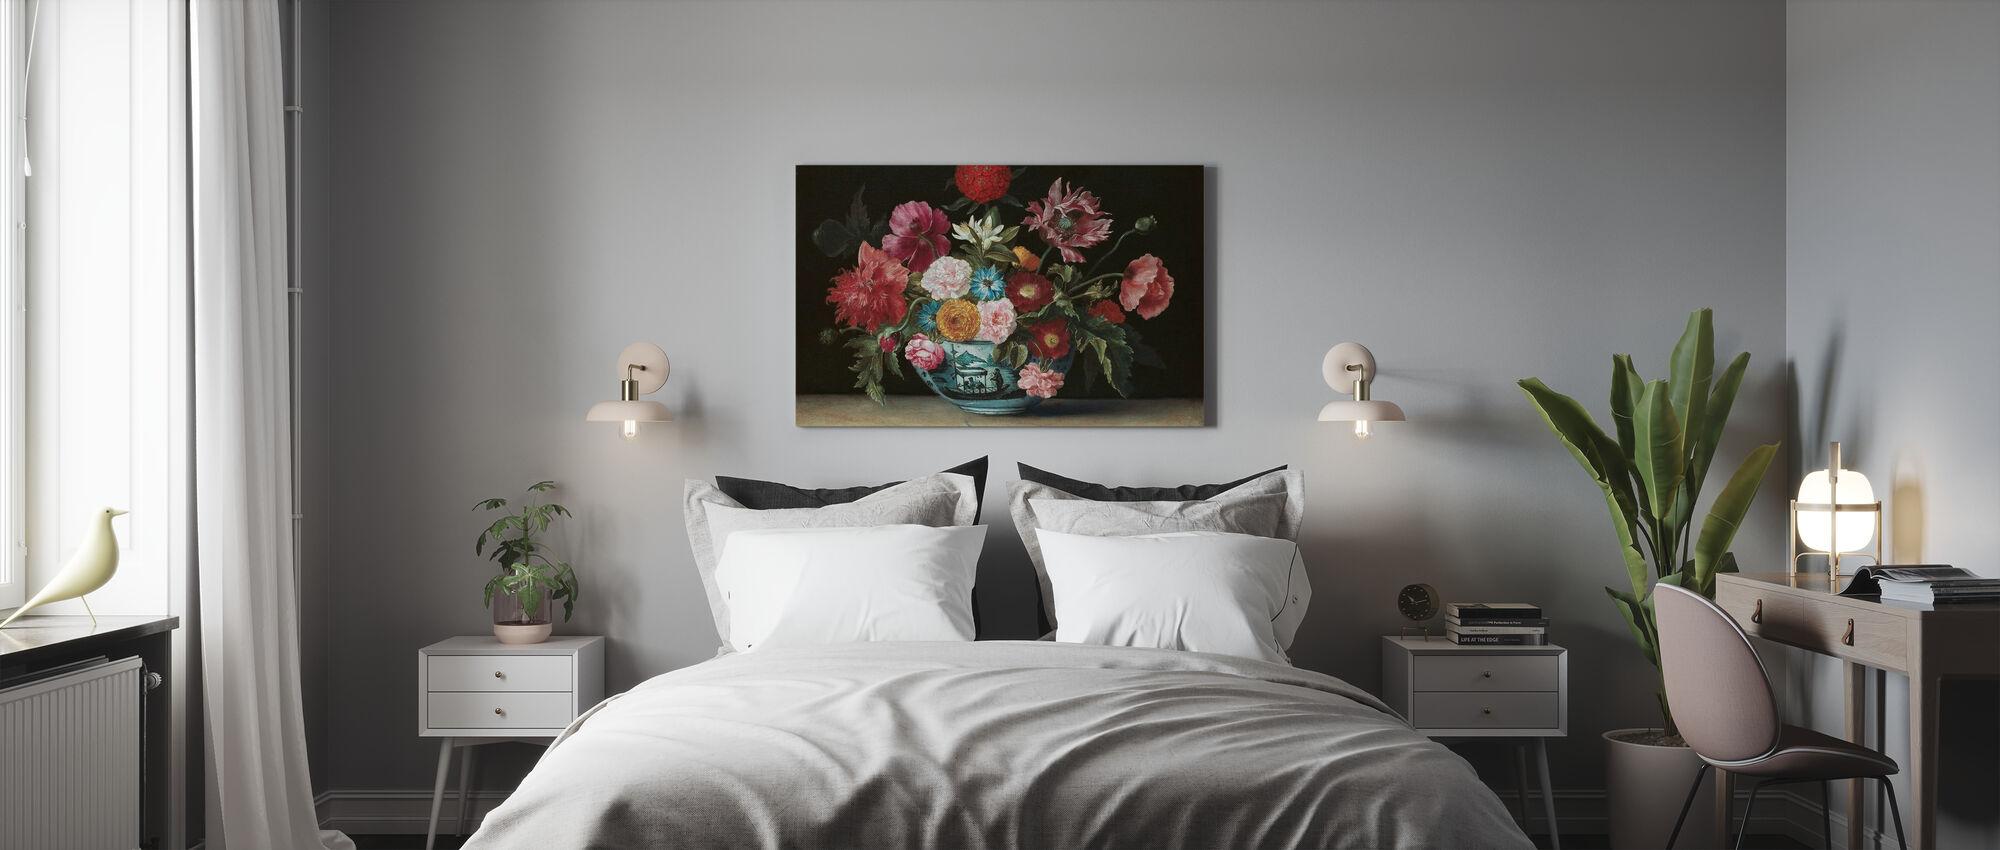 Chinese schaal met bloemen - Jacques Linard - Canvas print - Slaapkamer